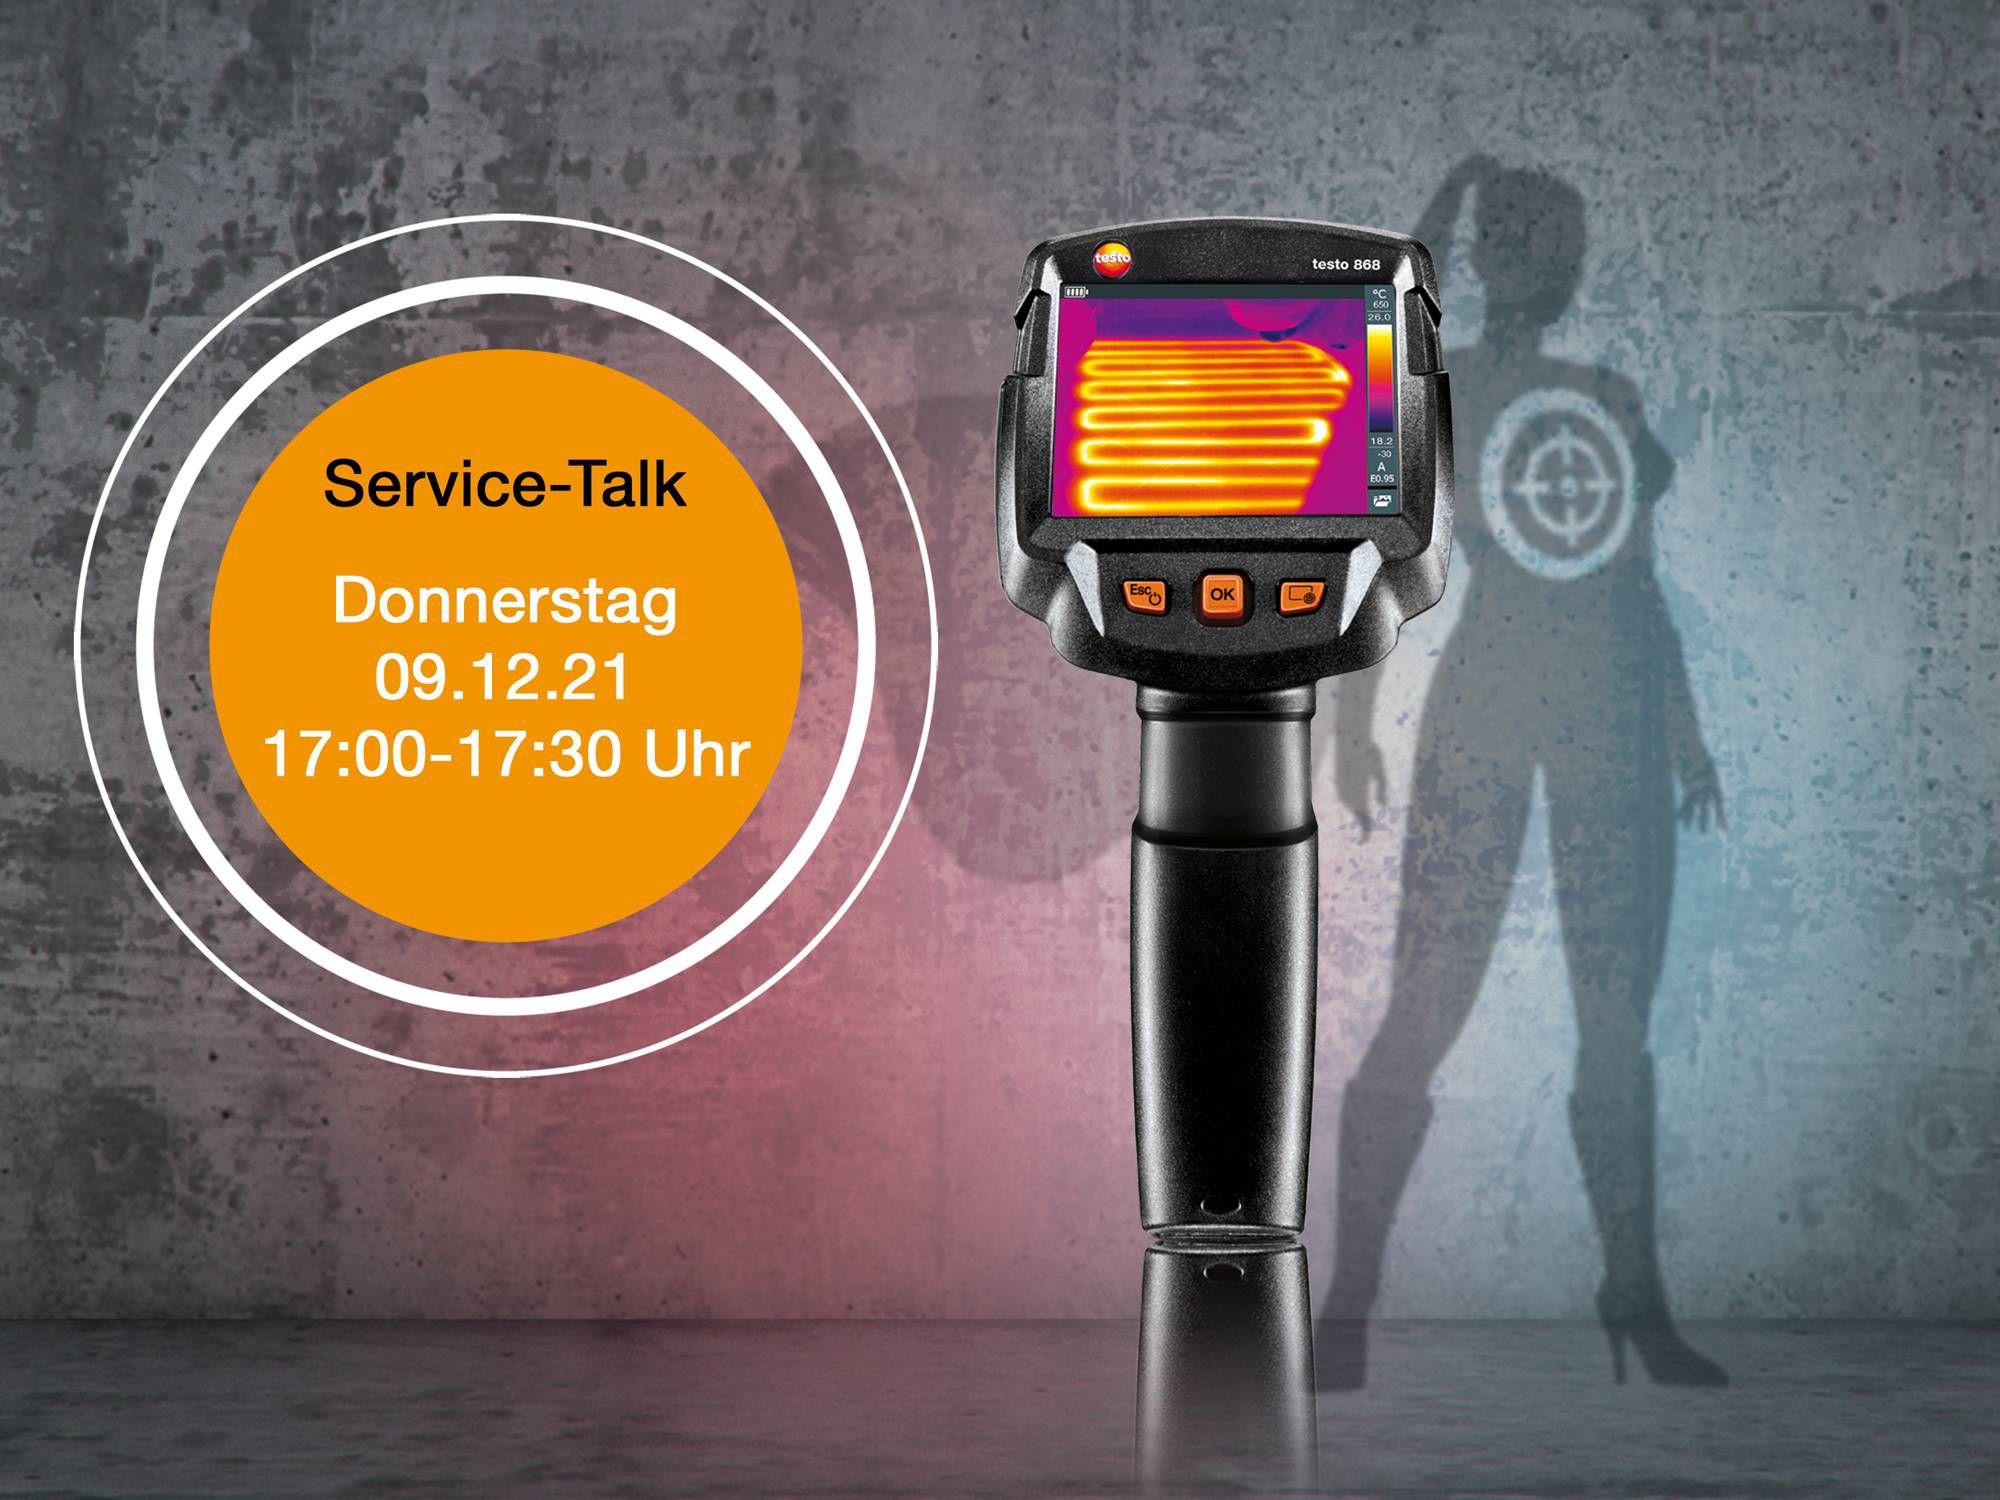 Servicetalk testo 868